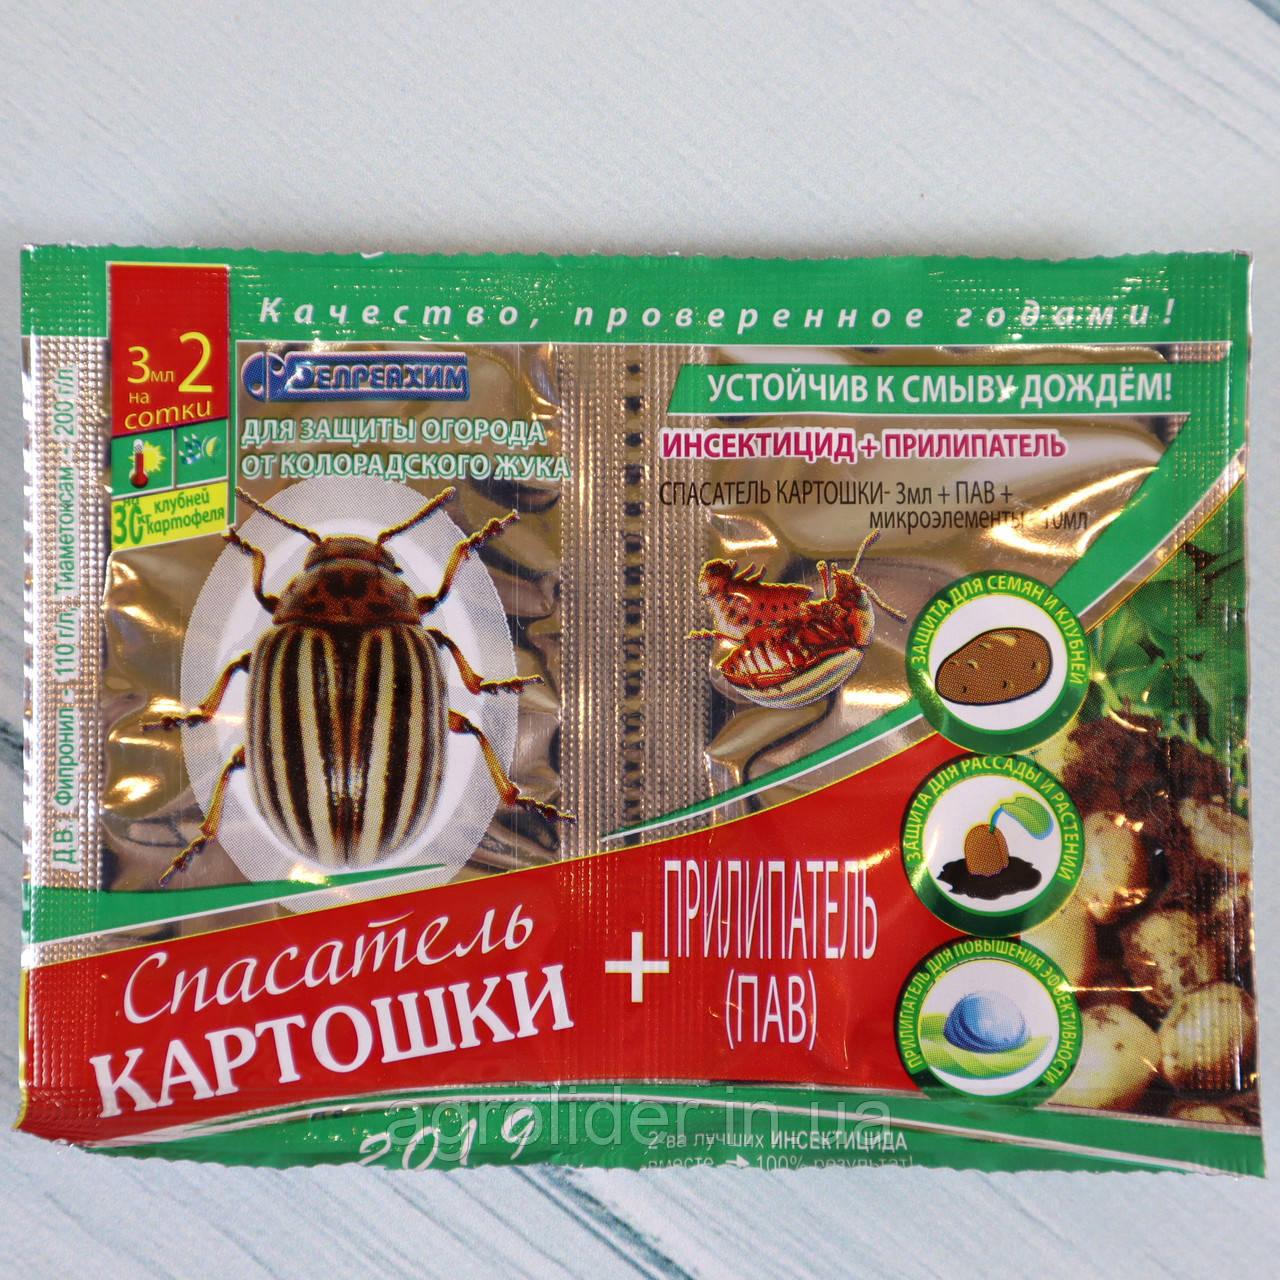 Инсектицид «Спасатель картошки»